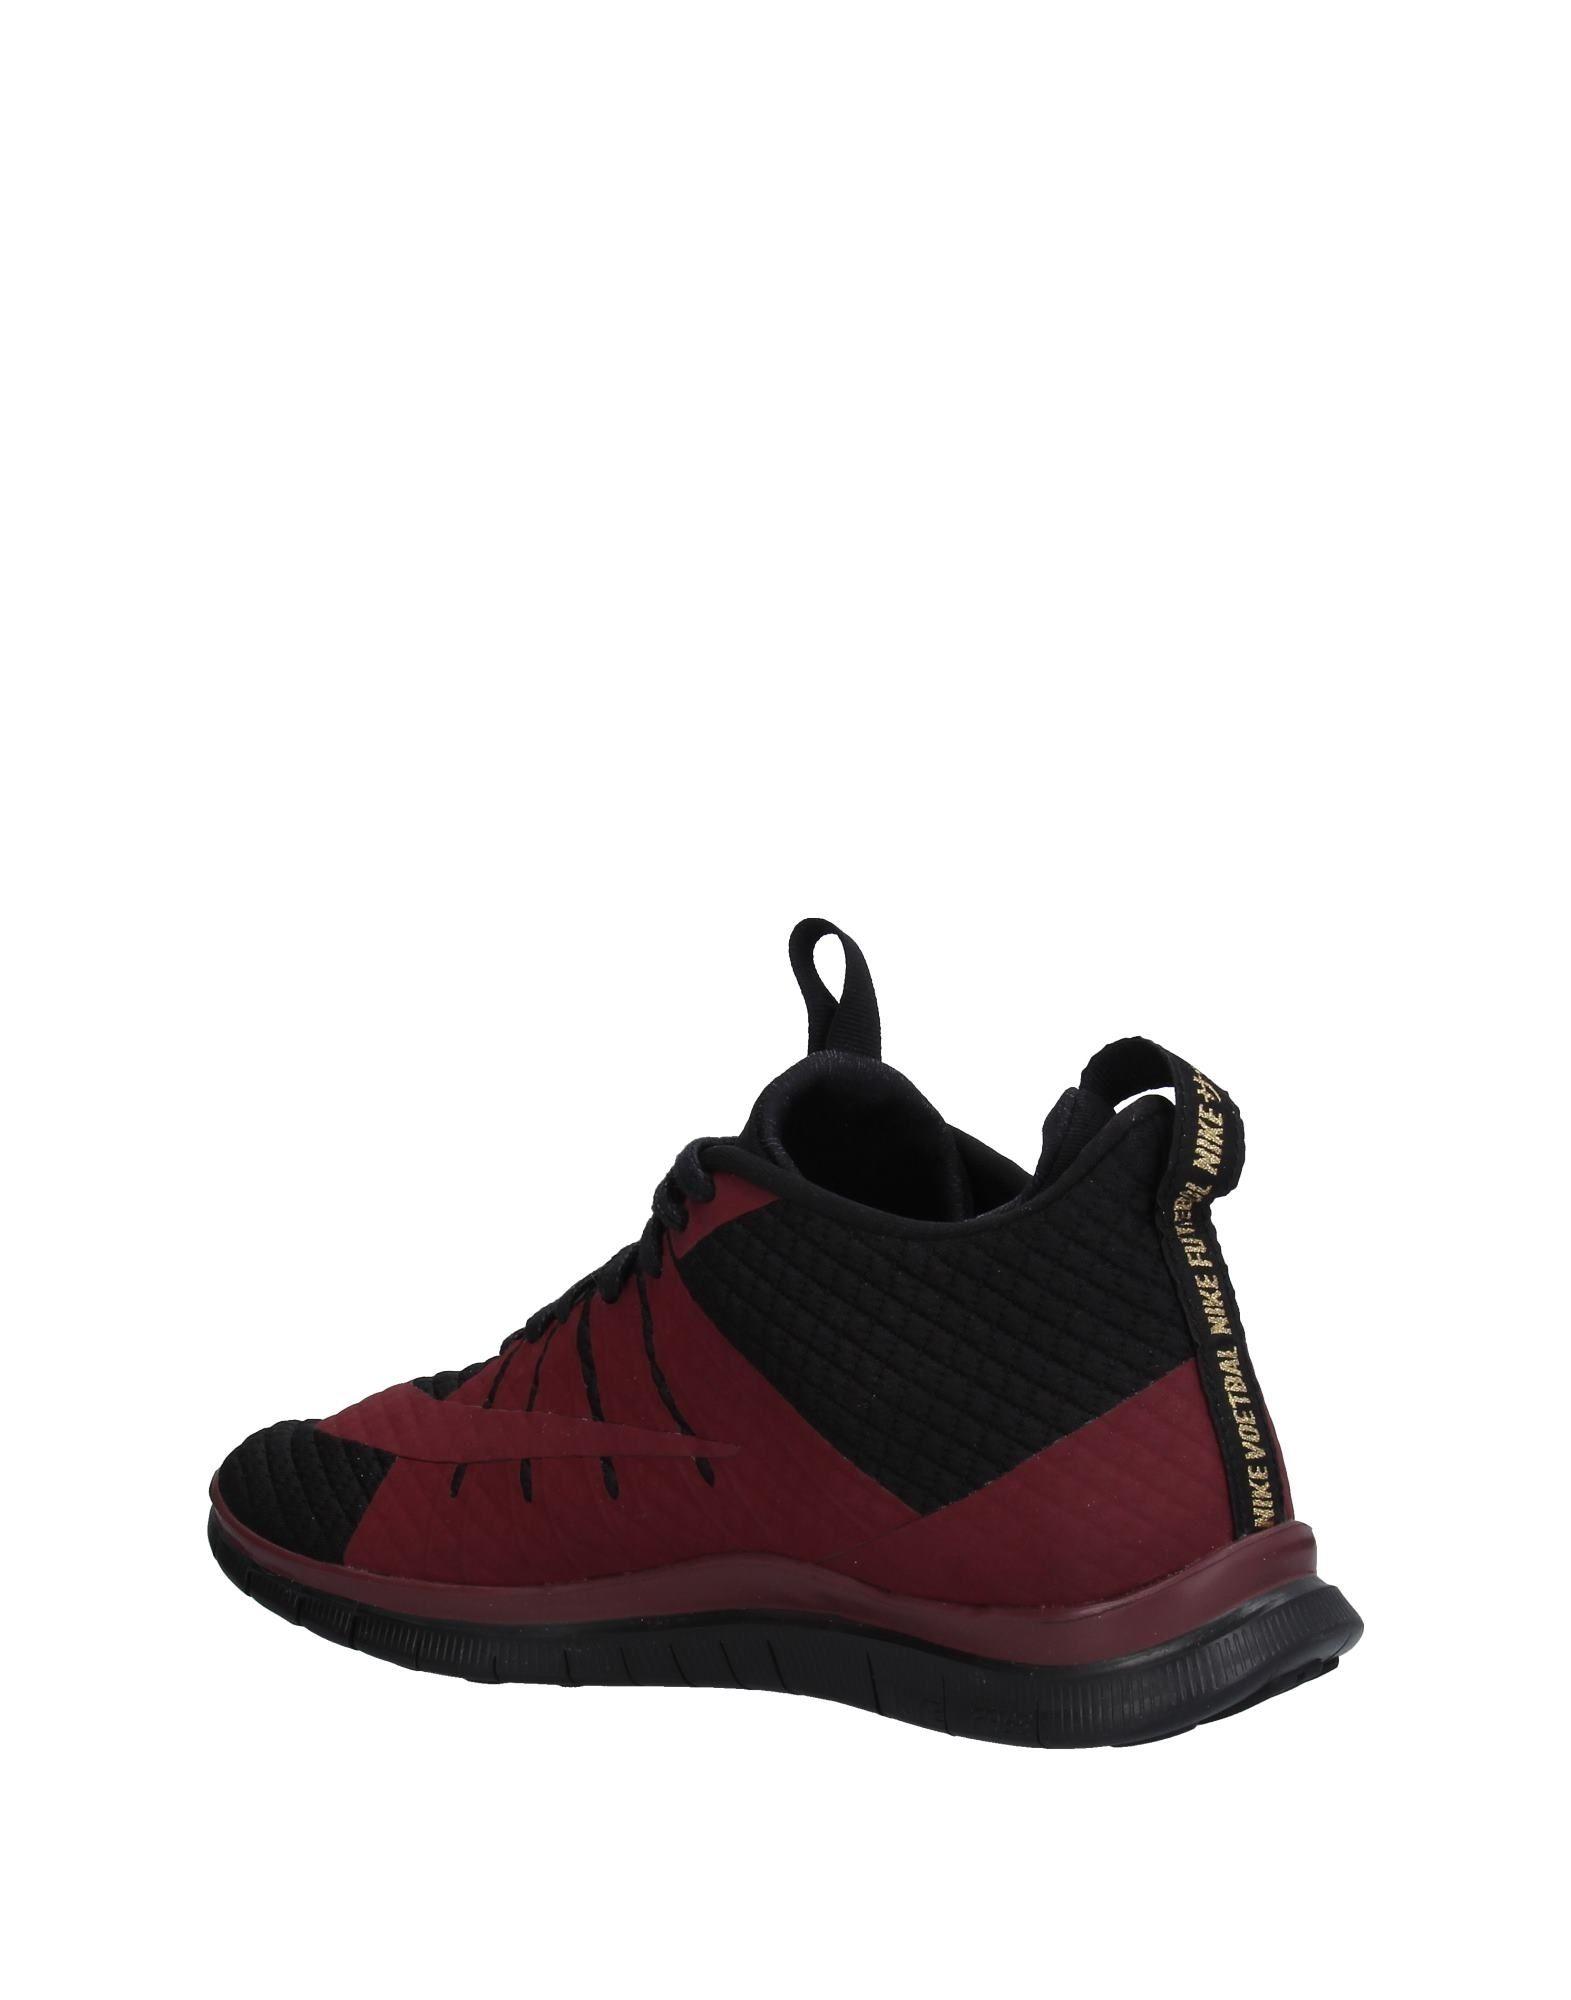 Rabatt echte Schuhe Nike Sneakers  Herren  Sneakers 11234989RD d772ea